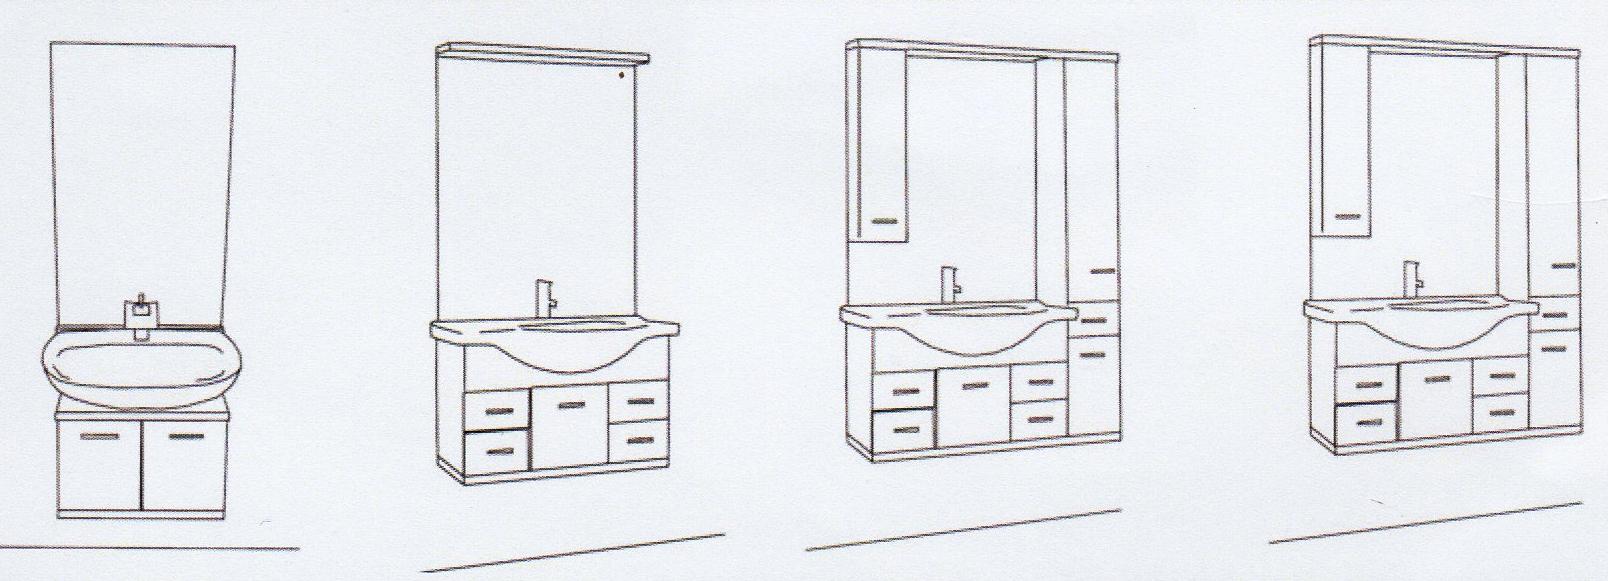 Lift Waschtisch Unterputz - Aufbauvarianten